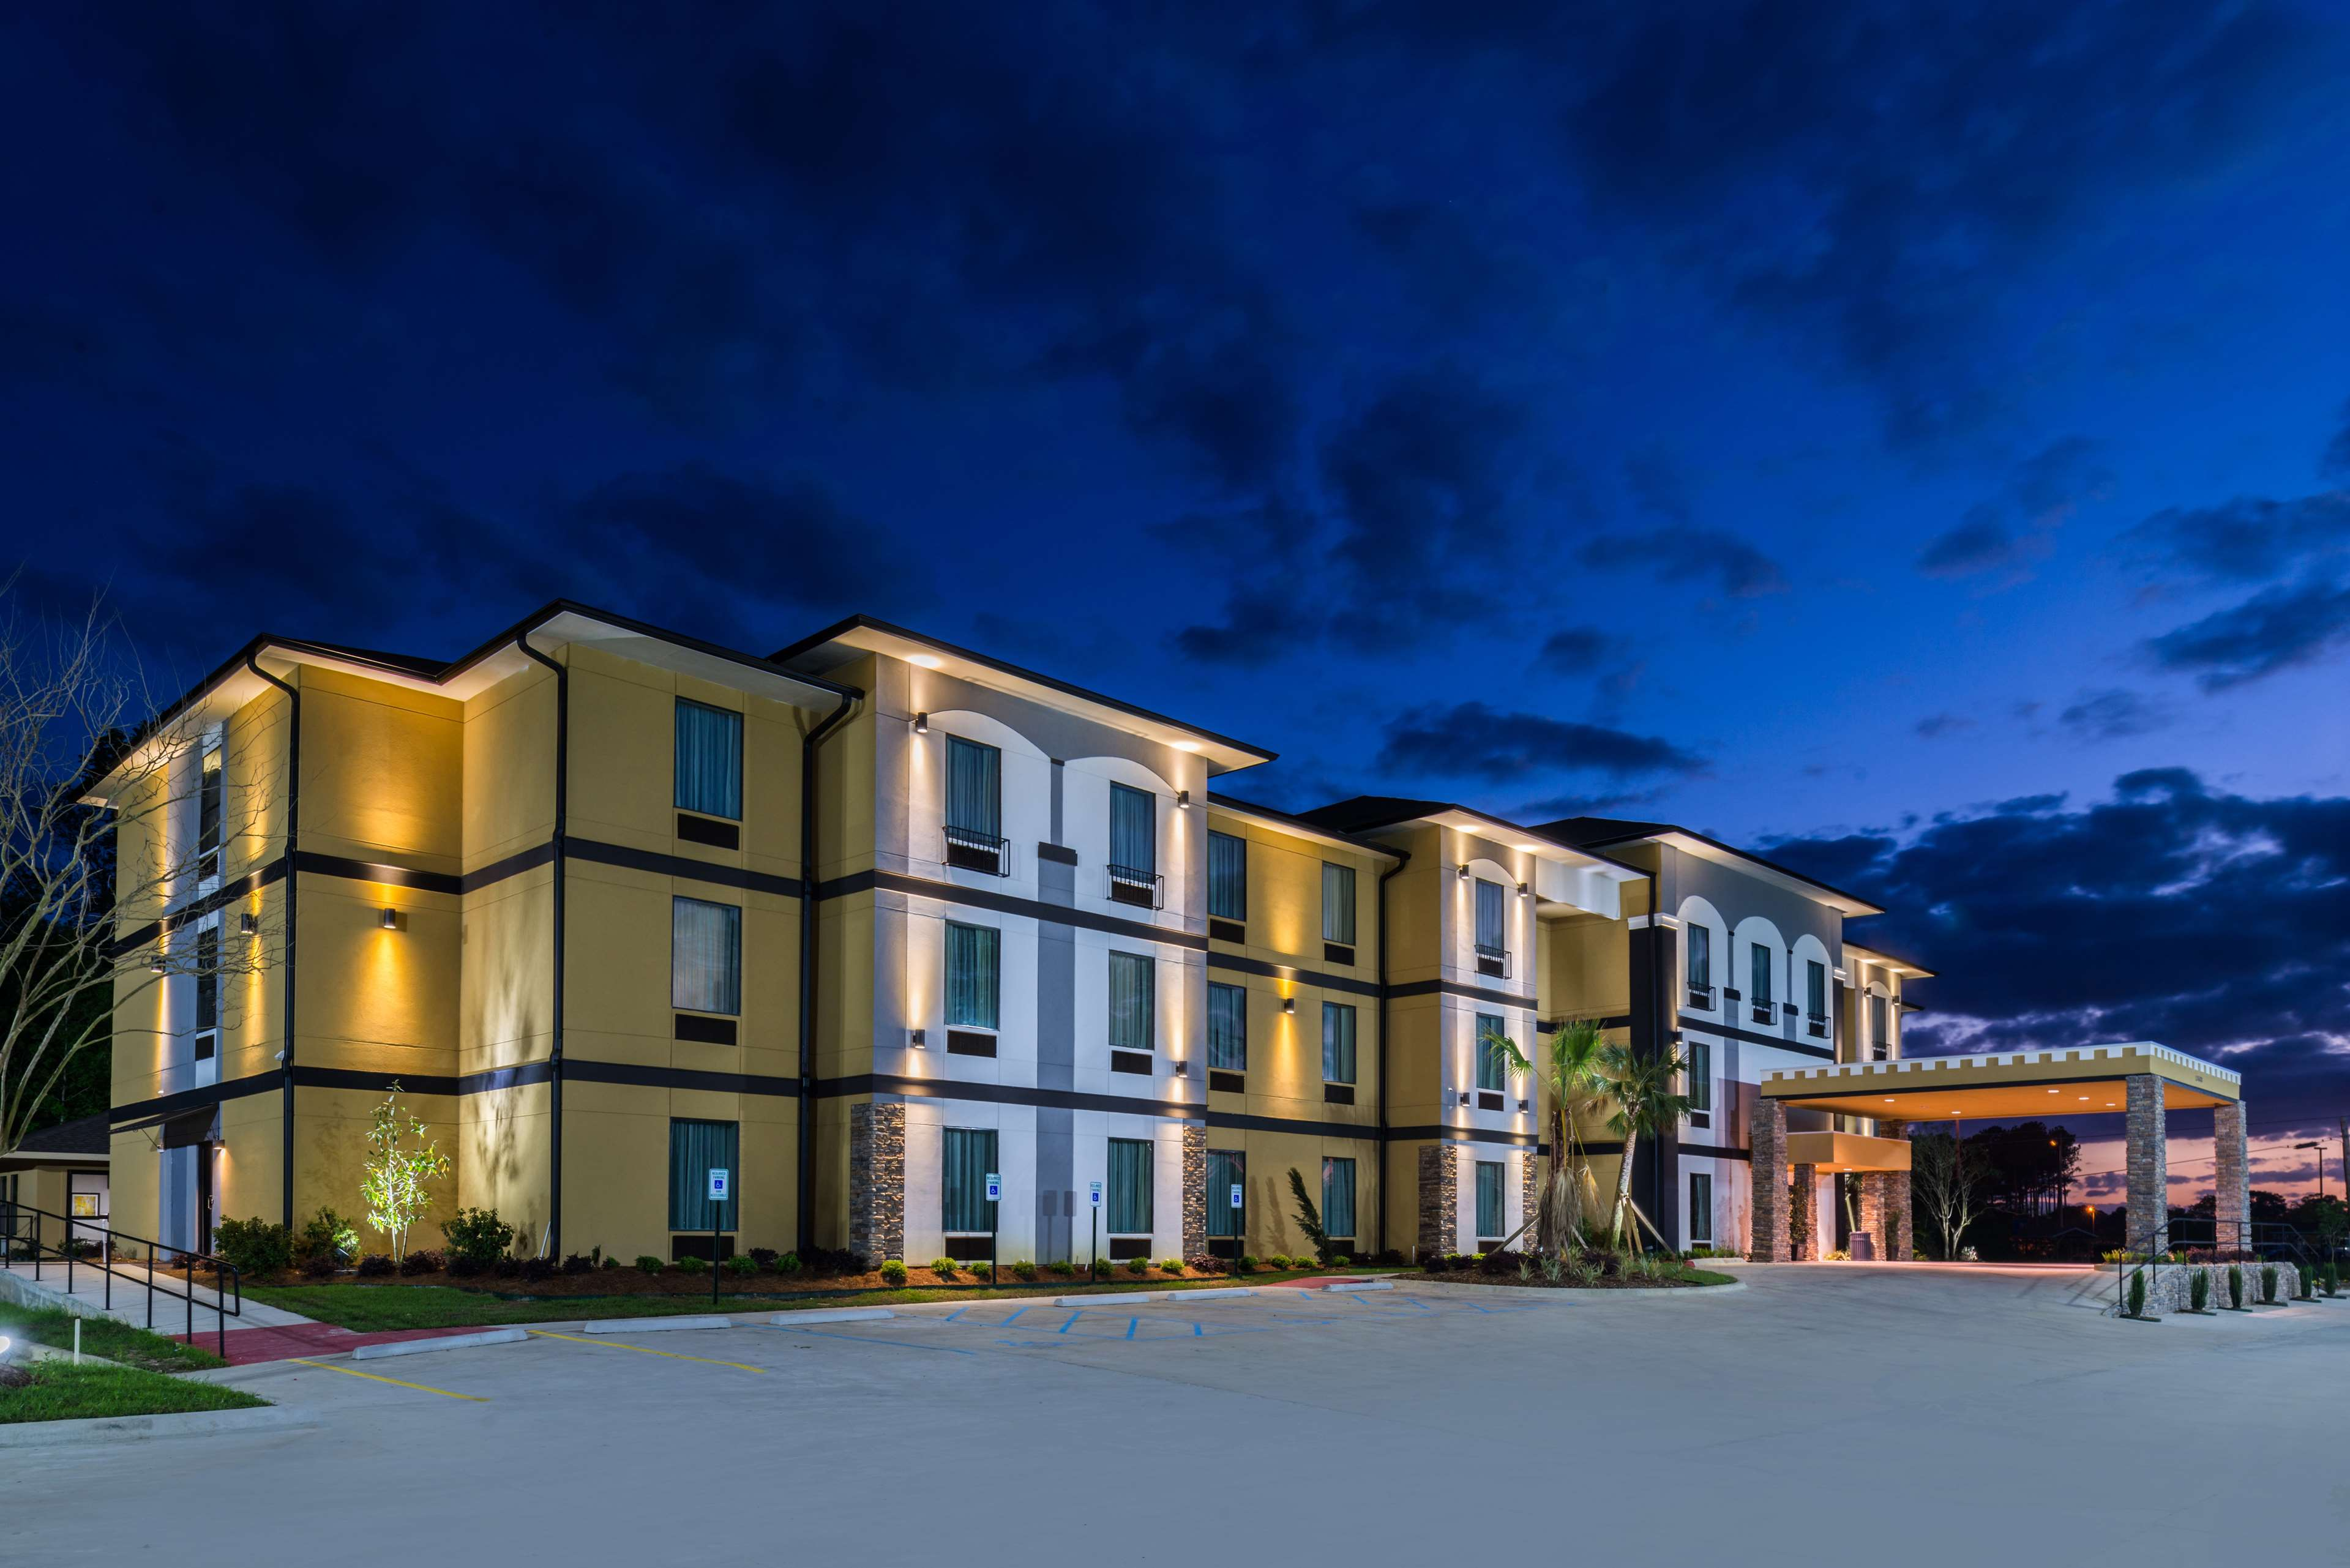 Best Western Plus Regency Park Hotel image 5